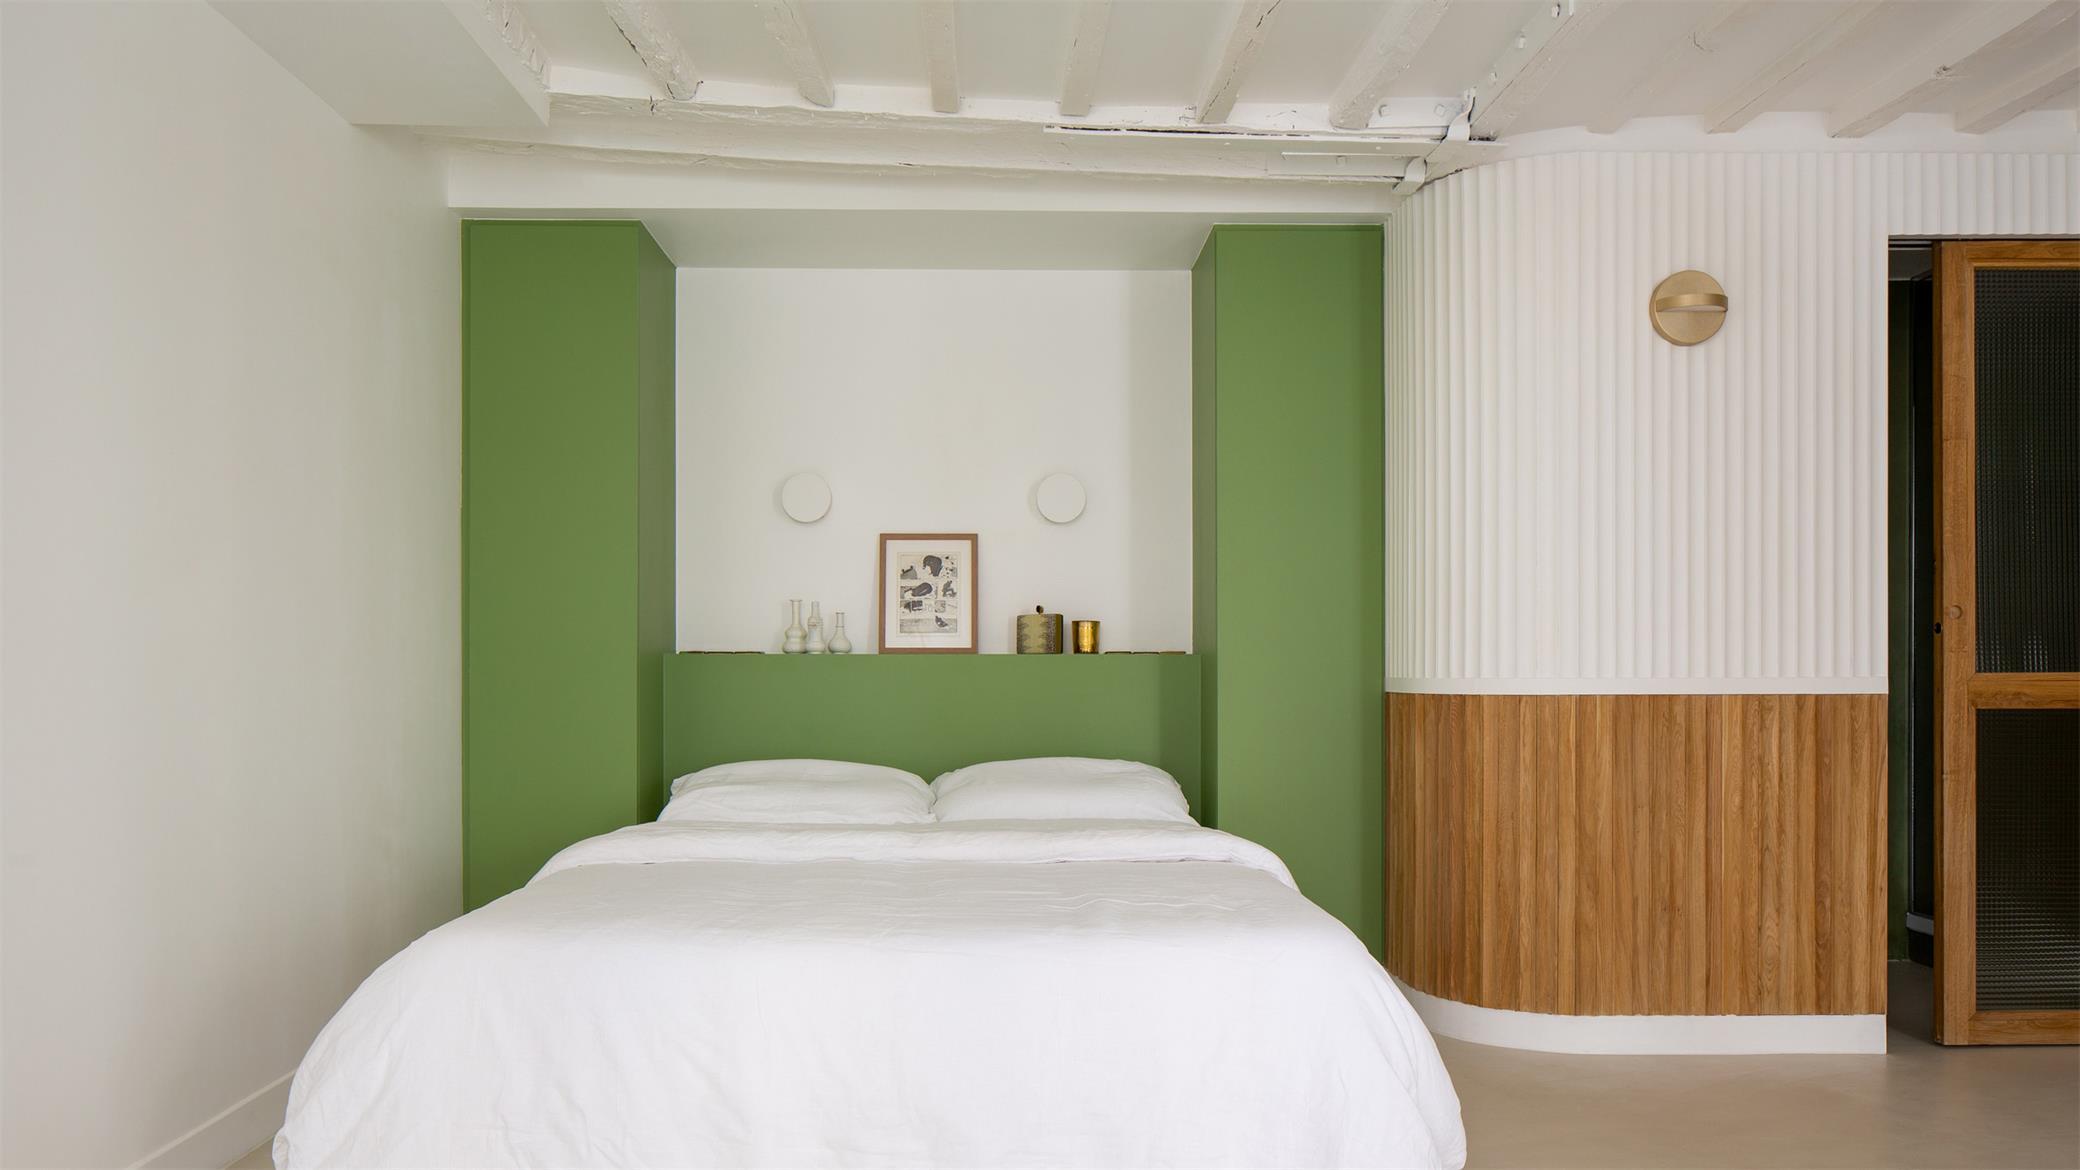 小型公寓卧室背景墙设计